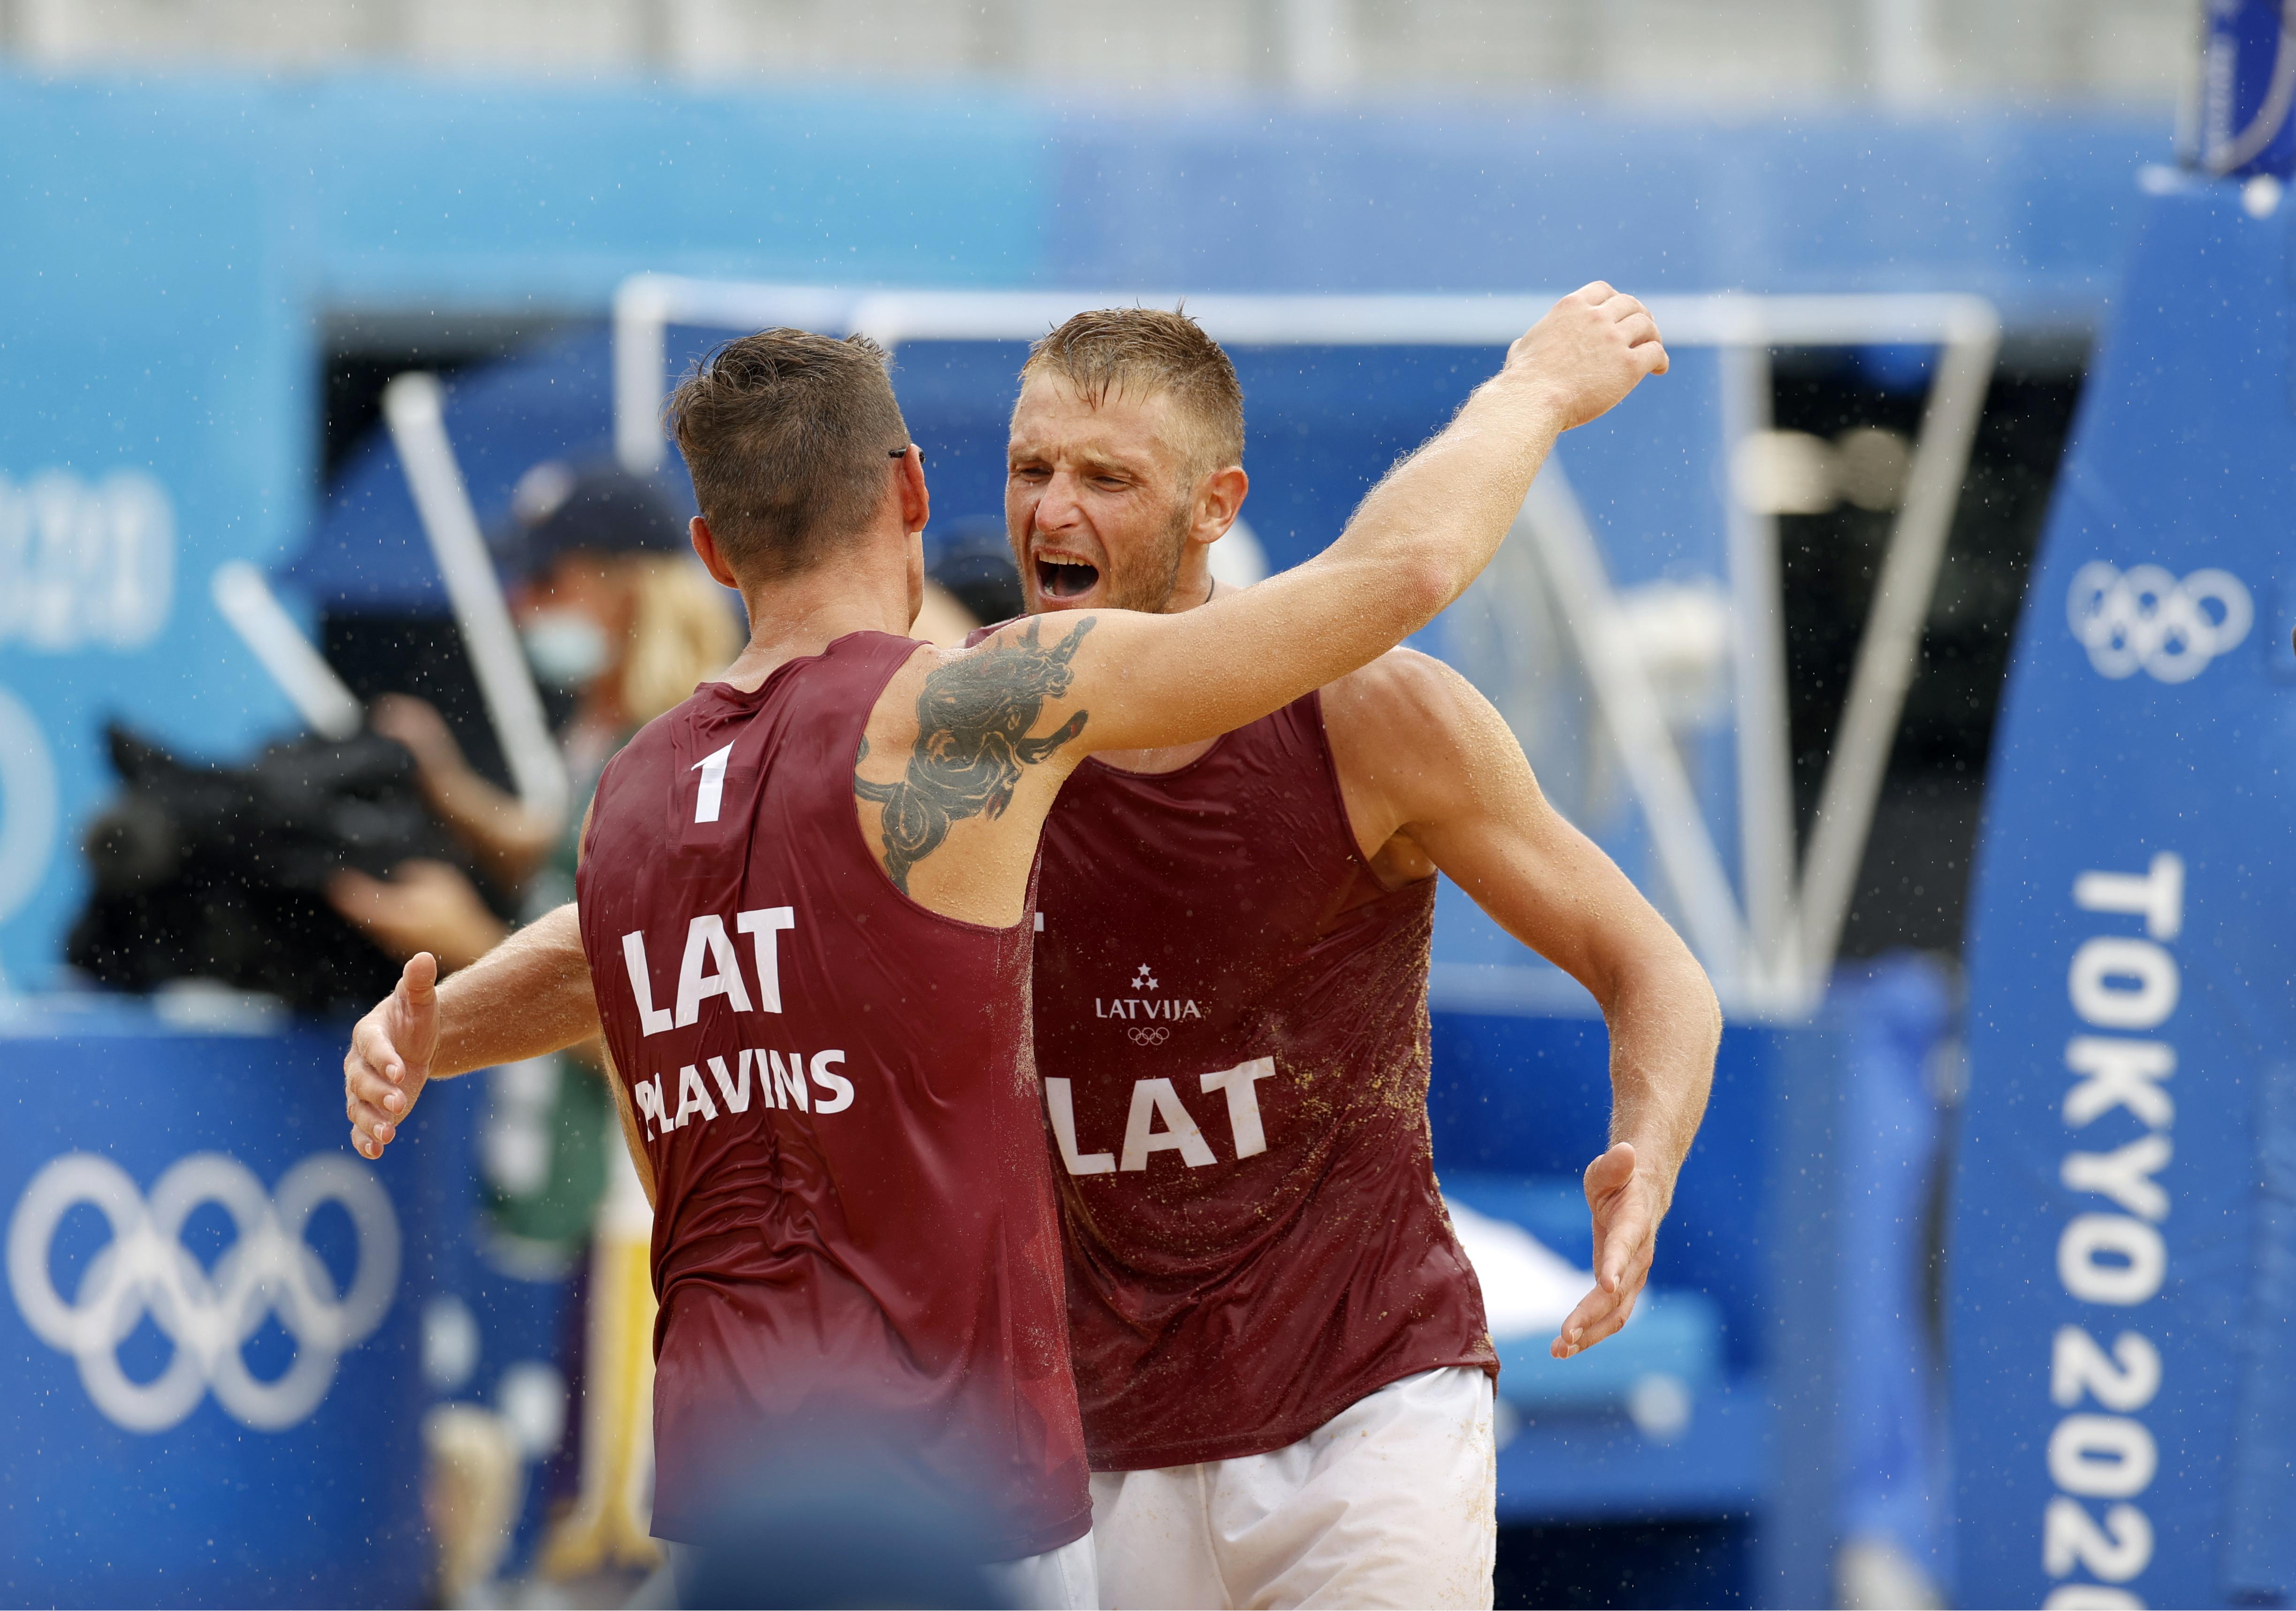 Olimpisko spēļu pēdējās dienas: pieci notikumi ar latviešu piedalīšanos, kas noteikti jāredz